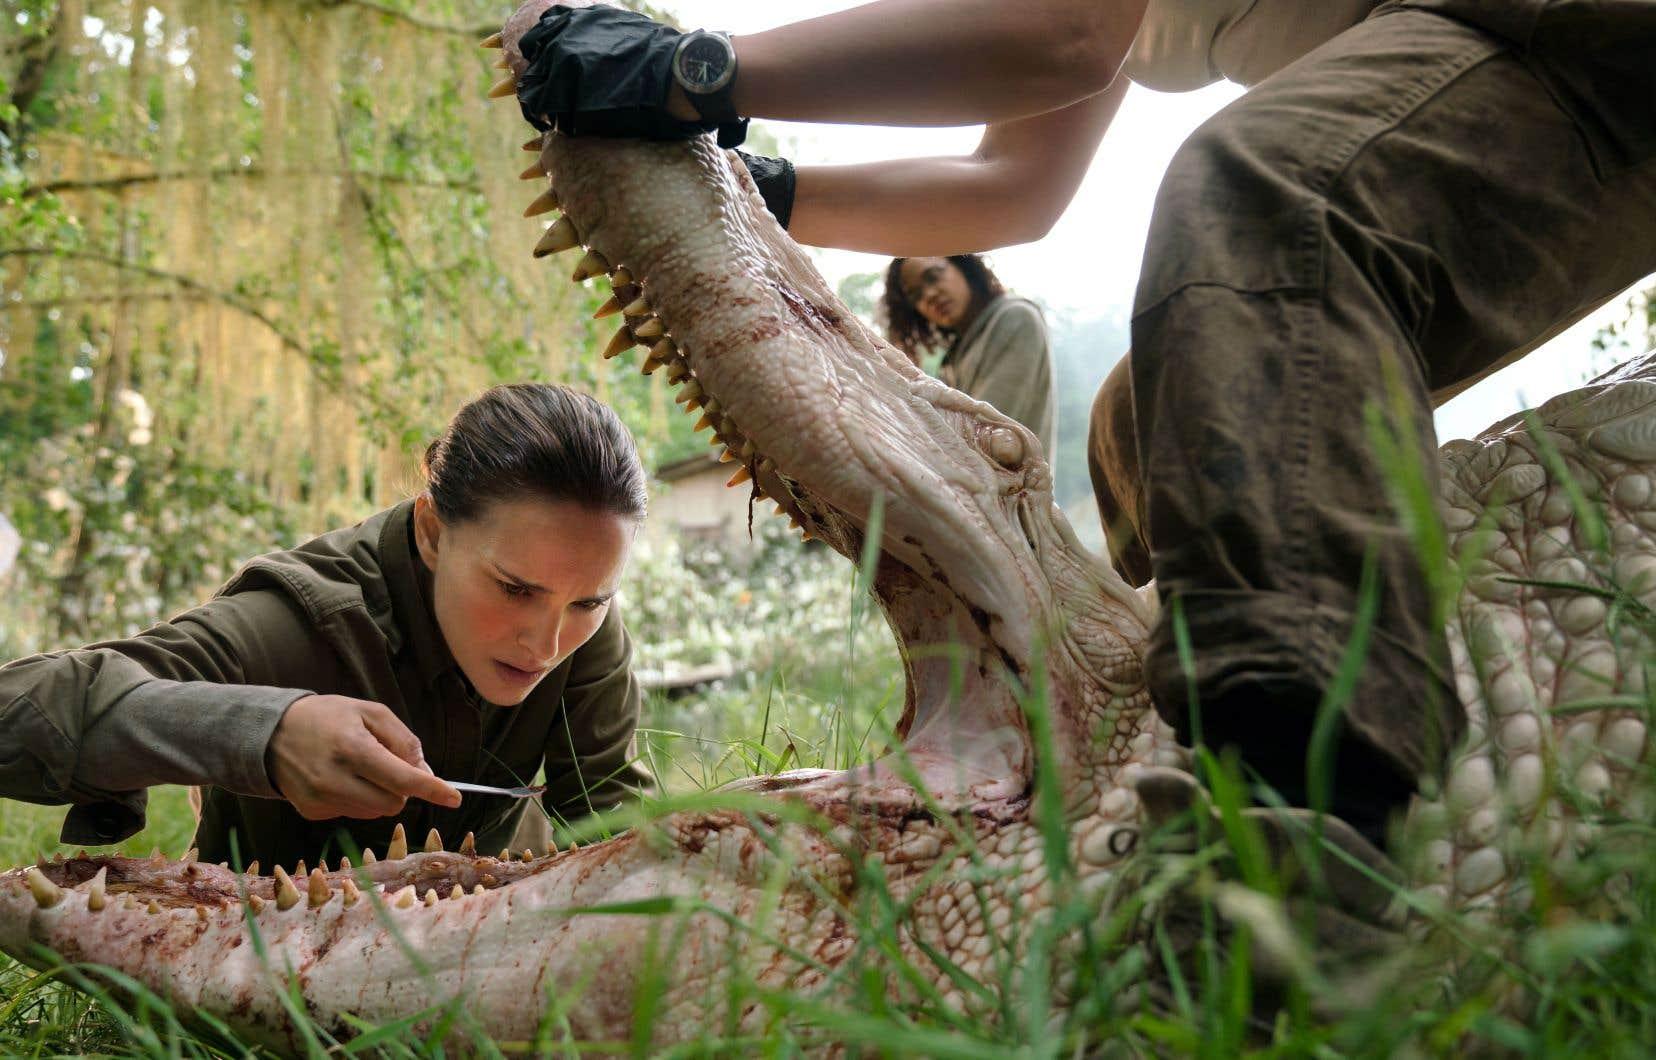 Alex Garland transpose au grand écran le roman à succès de Jeff VanderMeer «Annihilation». Natalie Portman y joue une biologiste qui enquête en compagnie d'autres scientifiques dans une zone où ont eu lieu des morts mystérieuses.